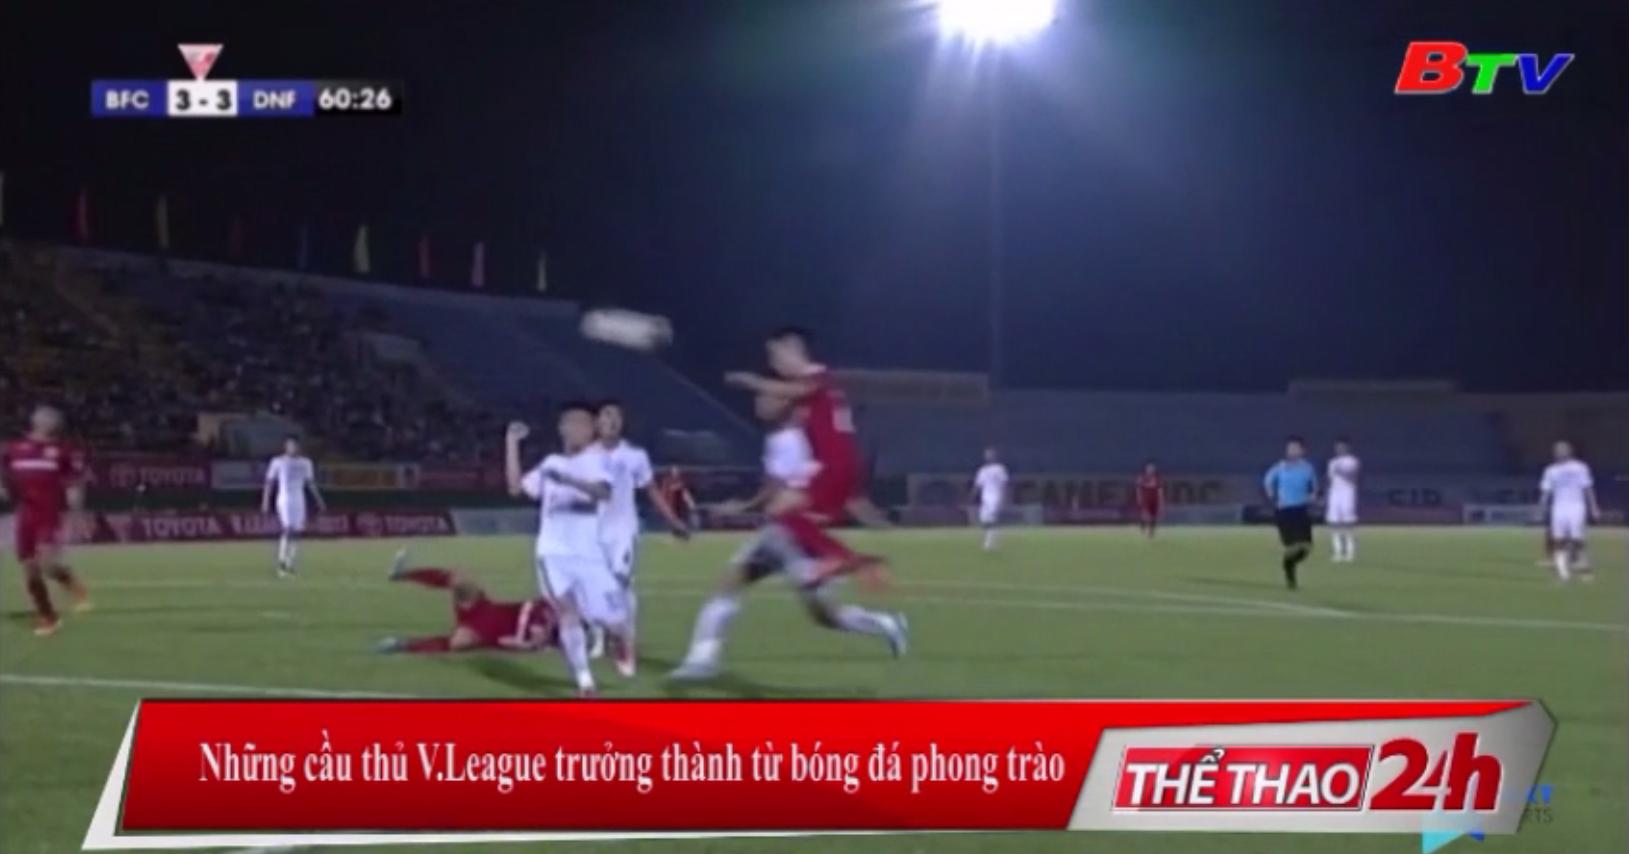 Những cầu thủ V-League trưởng thành từ bóng đá phong trào